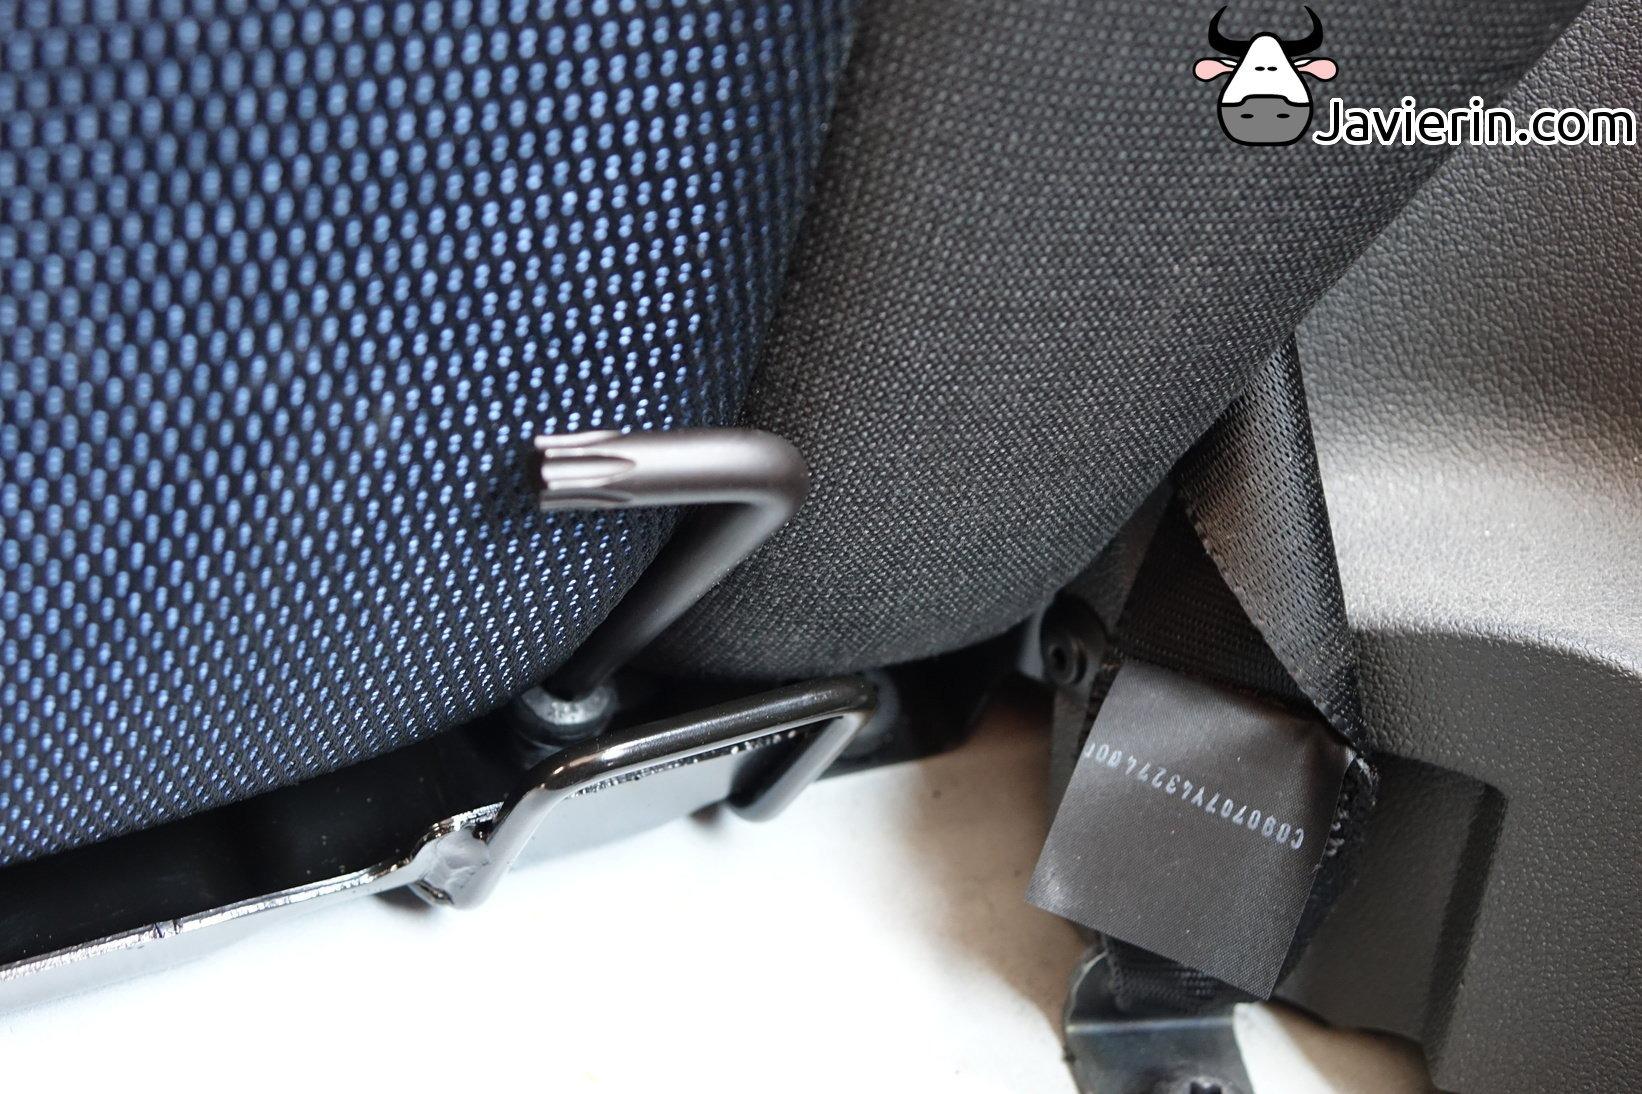 Ford Fusion Bluetooth Att Tec Gmbh Ford Focus St Turnier Auf Super Alu S Ford Fusion European